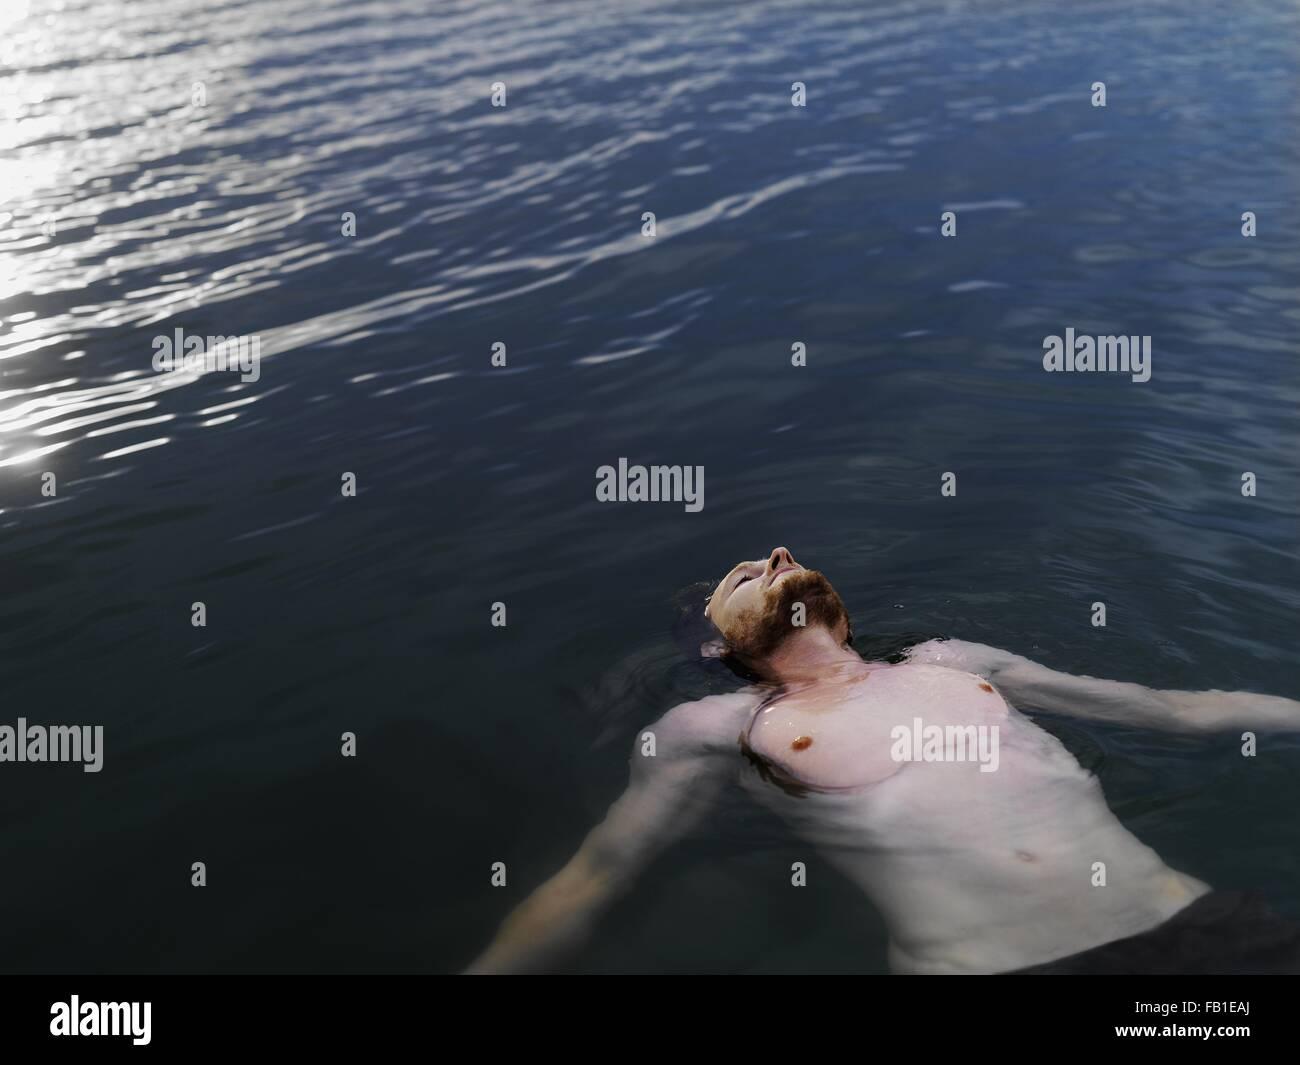 Vogelperspektive anzeigen des Jünglings auf zurück im Wasser Arme ausgestreckt nach oben schweben Stockbild